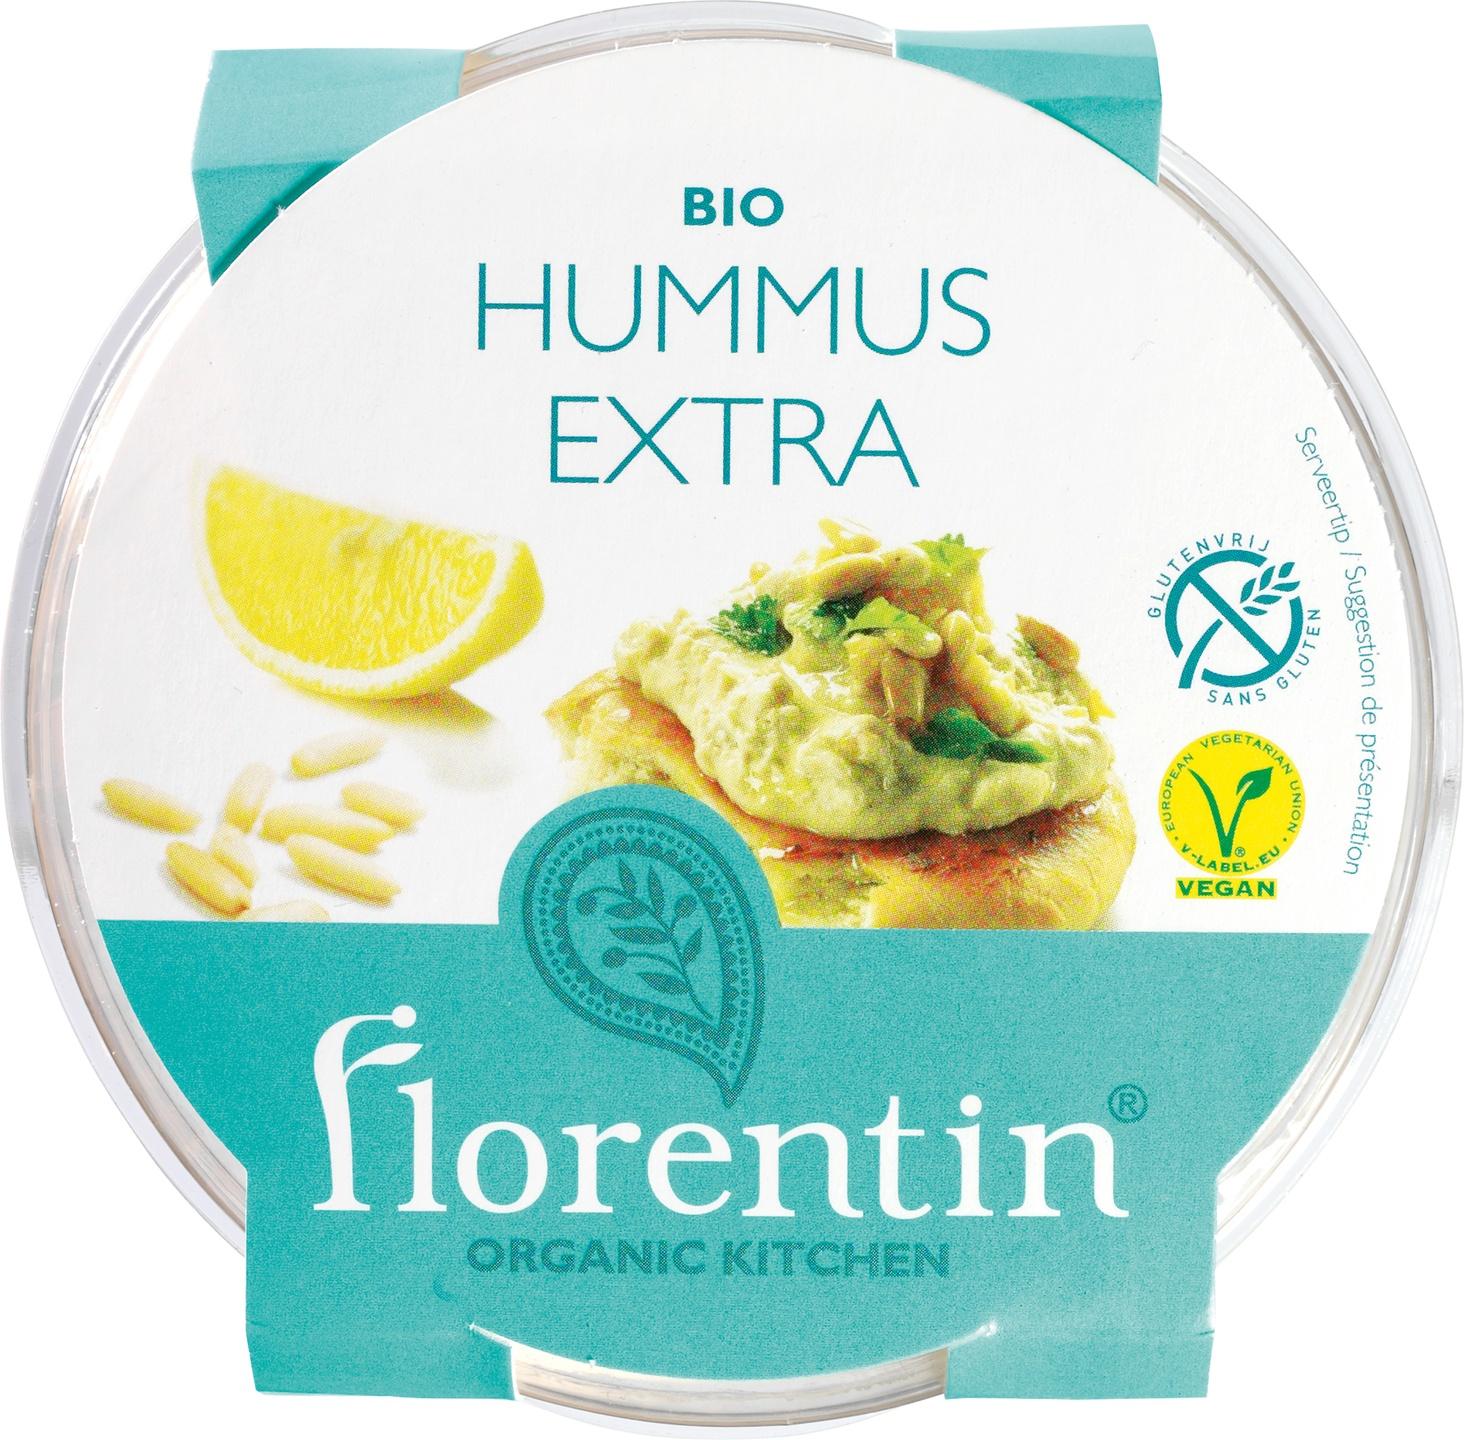 Biologische Florentin Hummus extra 200 gr